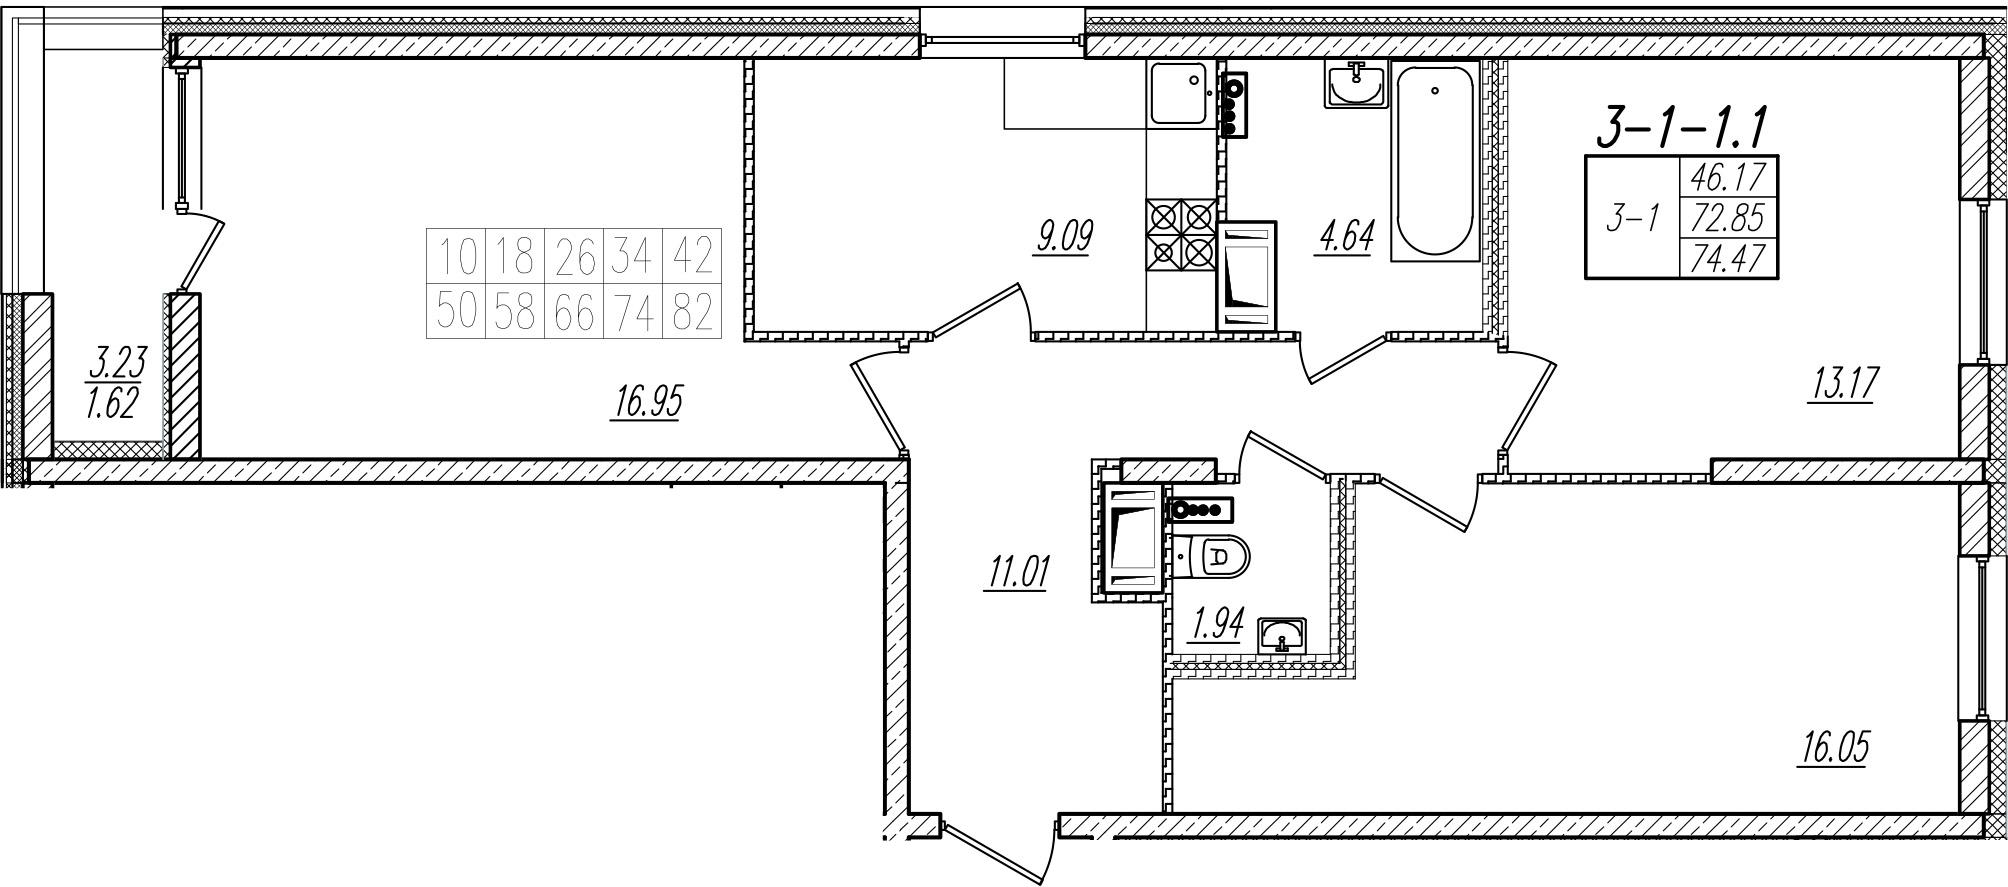 3-к.кв, 74.47 м²